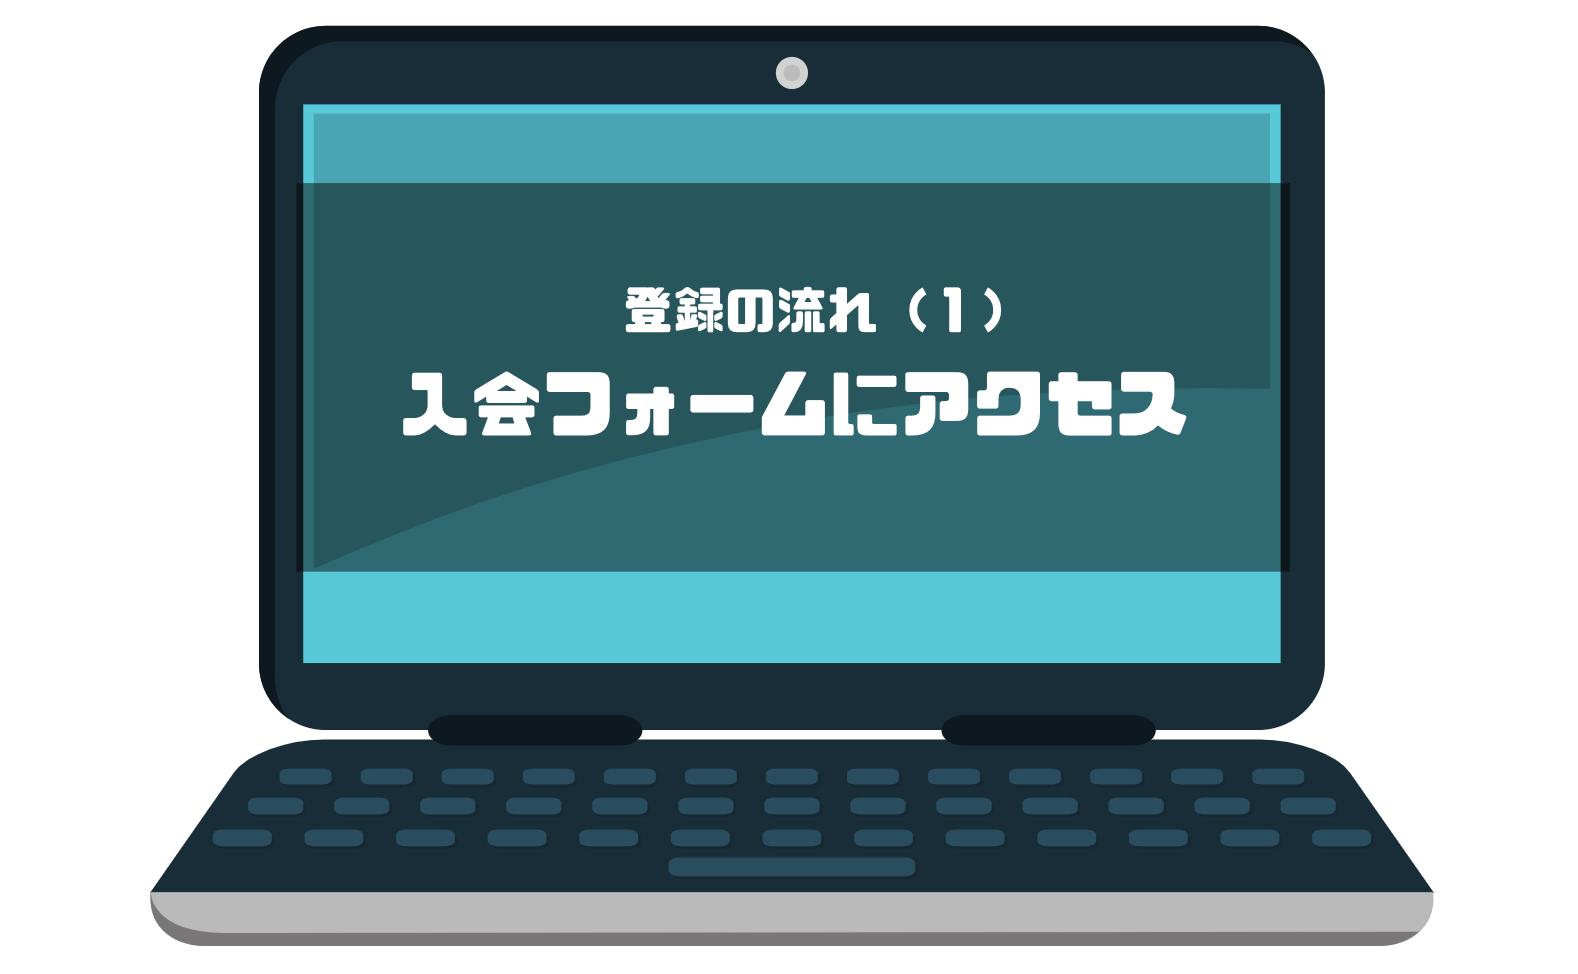 ビオマルシェ_評判_口コミ_会員登録_登録の流れ_入会フォーム_アクセス